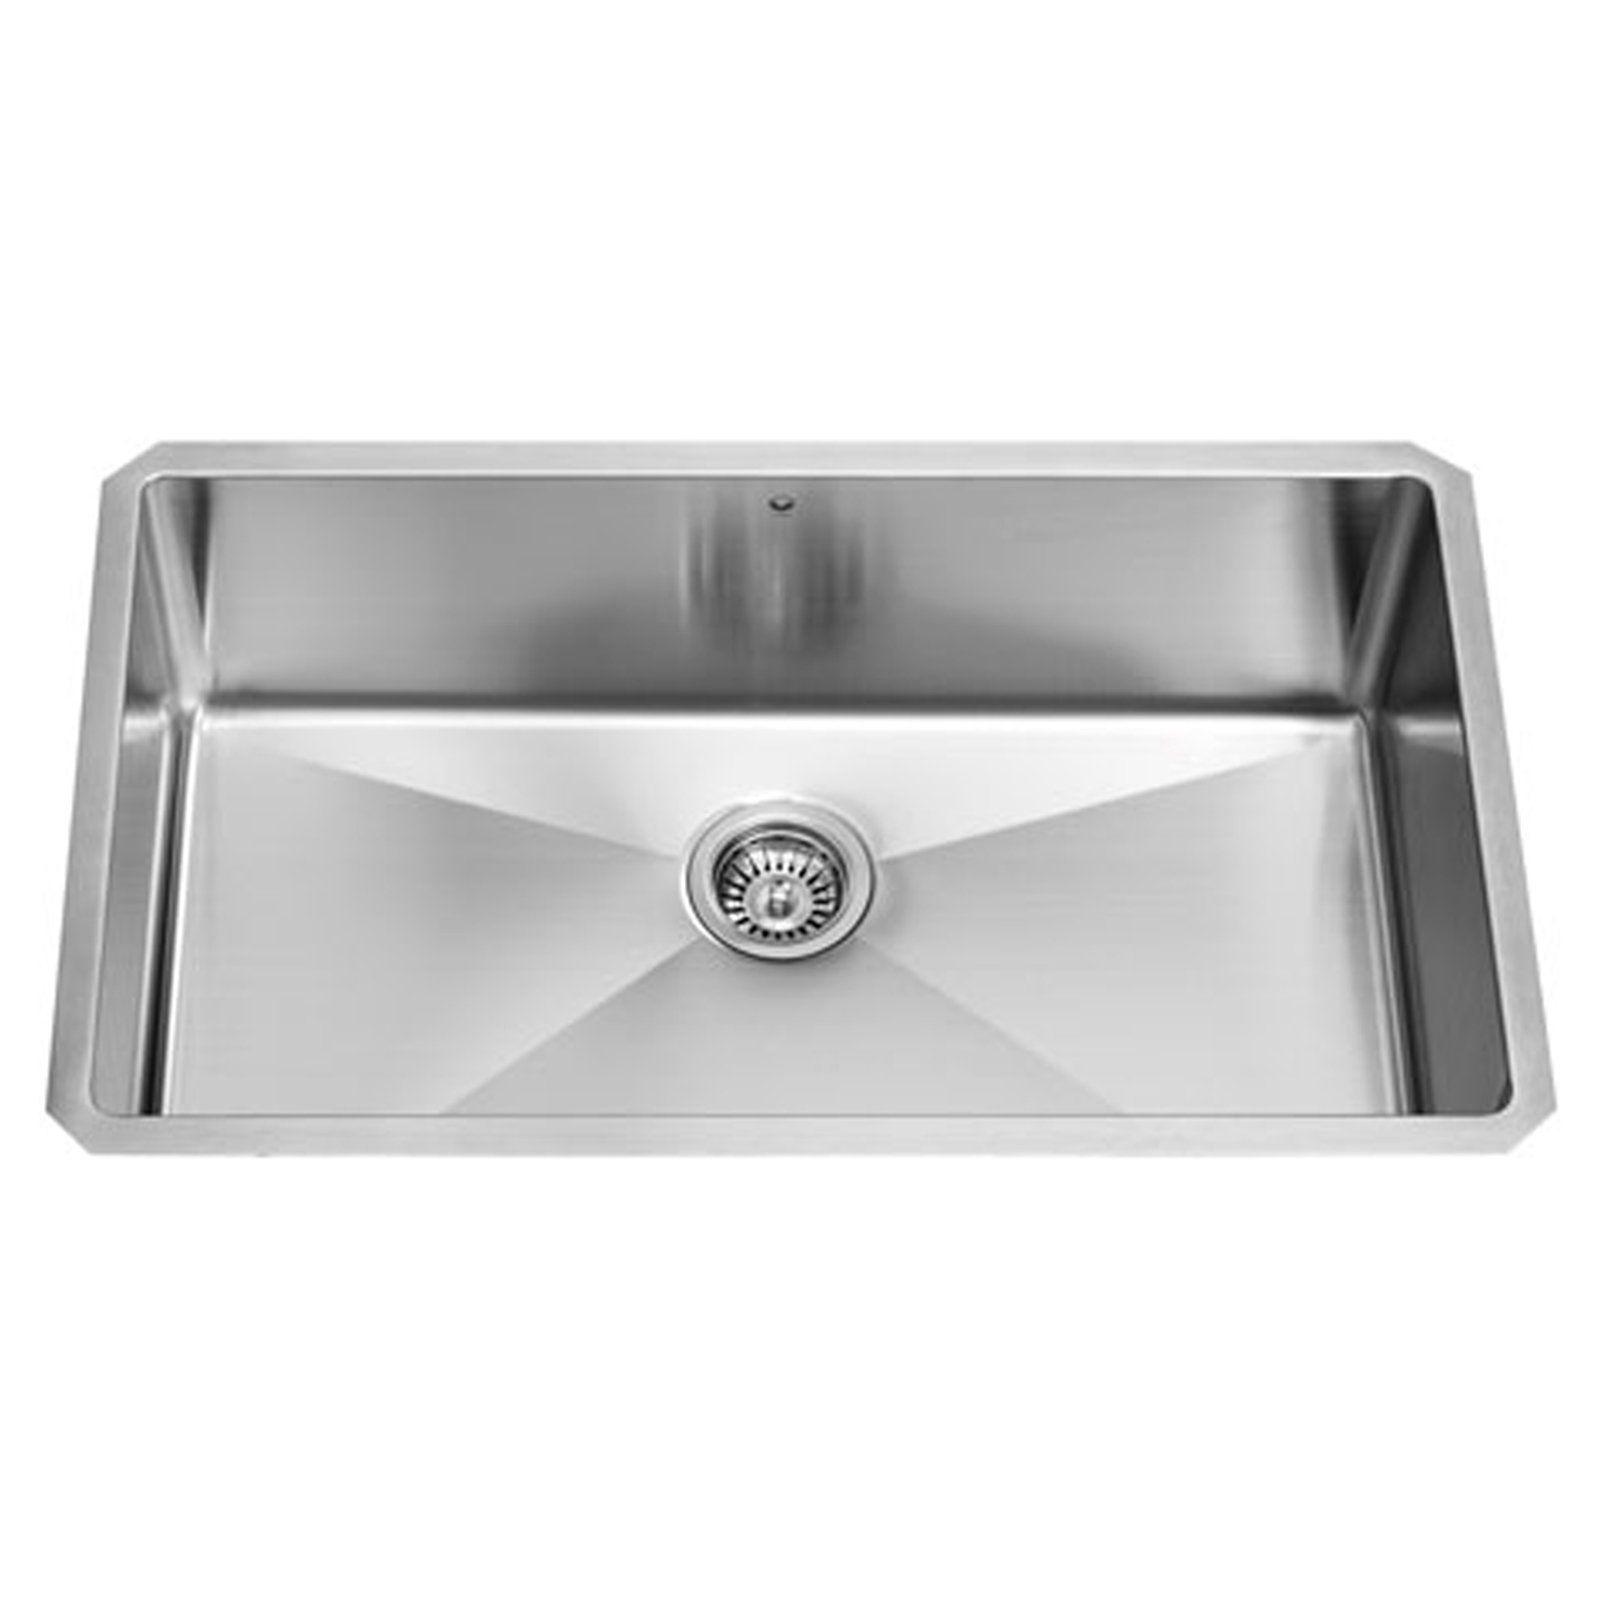 Vigo Vgr3219c Single Bowl Undermount Stainless Steel Kitchen Sink